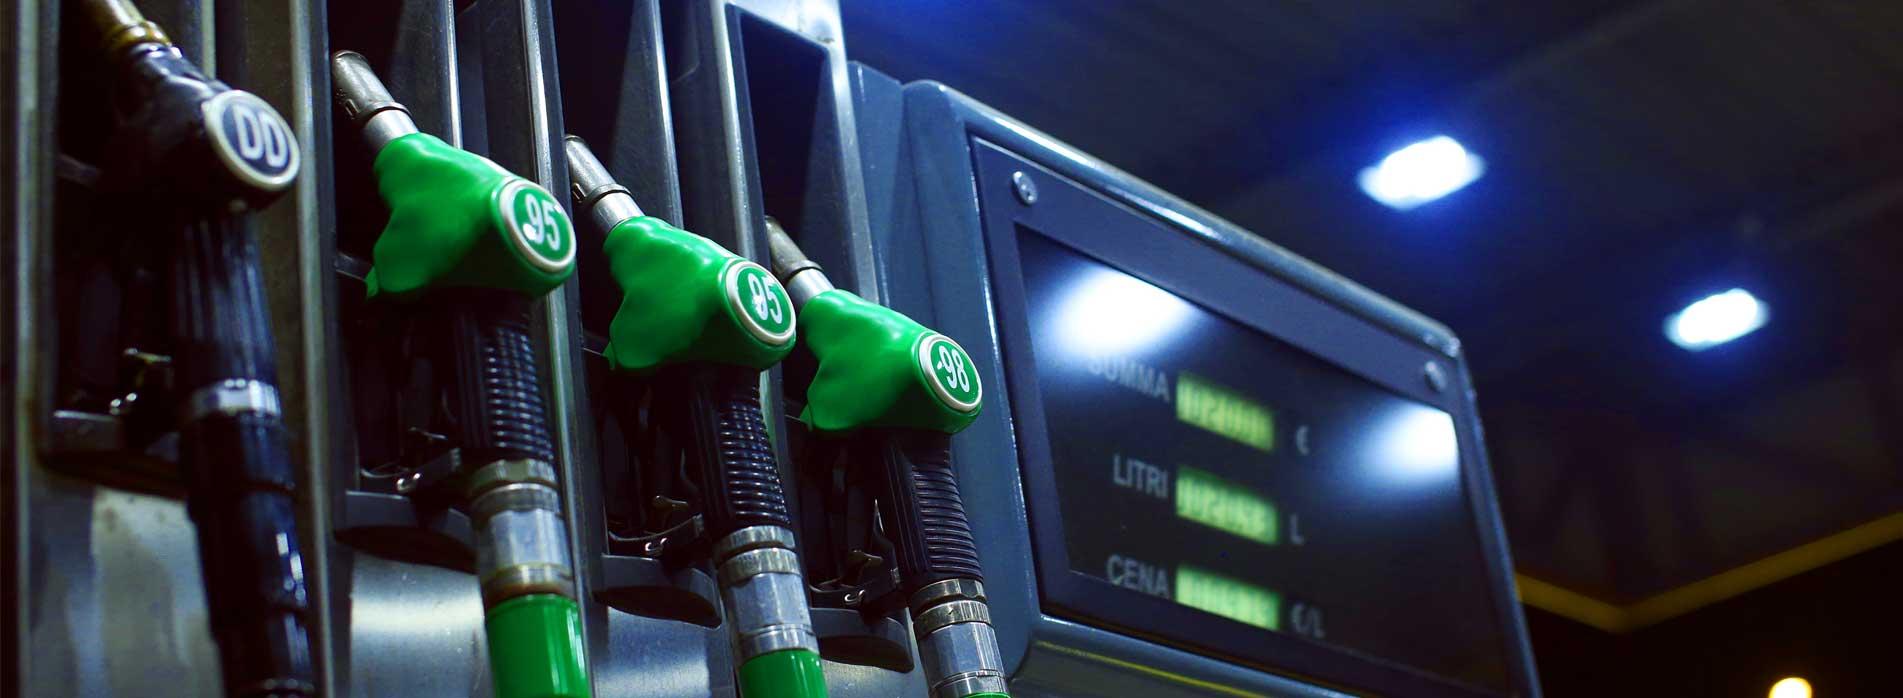 या यादीत नवव्या क्रमांकावर दक्षिण आफ्रिकेतील अंगोला या देशाचा क्रमांका लागतो. या देशात पेट्रोलची किंत 31.90 रुपये प्रति लीटर आहे. या देशात भारताच्या तुलनेत तब्बल 42.96 रुपये स्वस्त पेट्रोल आहे.